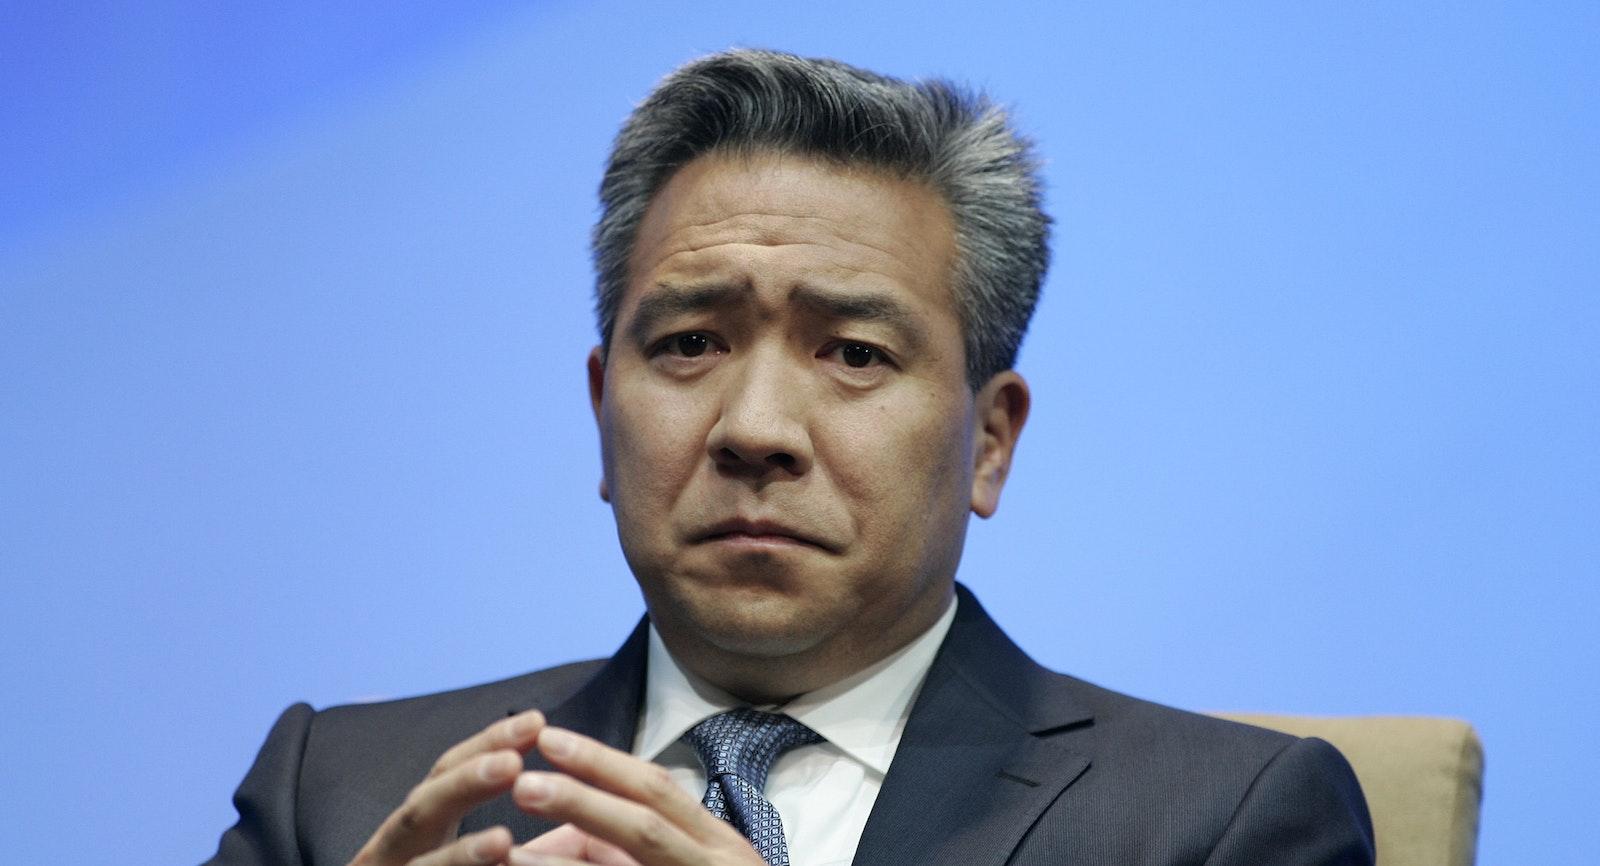 Warner Bros chief Kevin Tsujihara; photo by Bloomberg